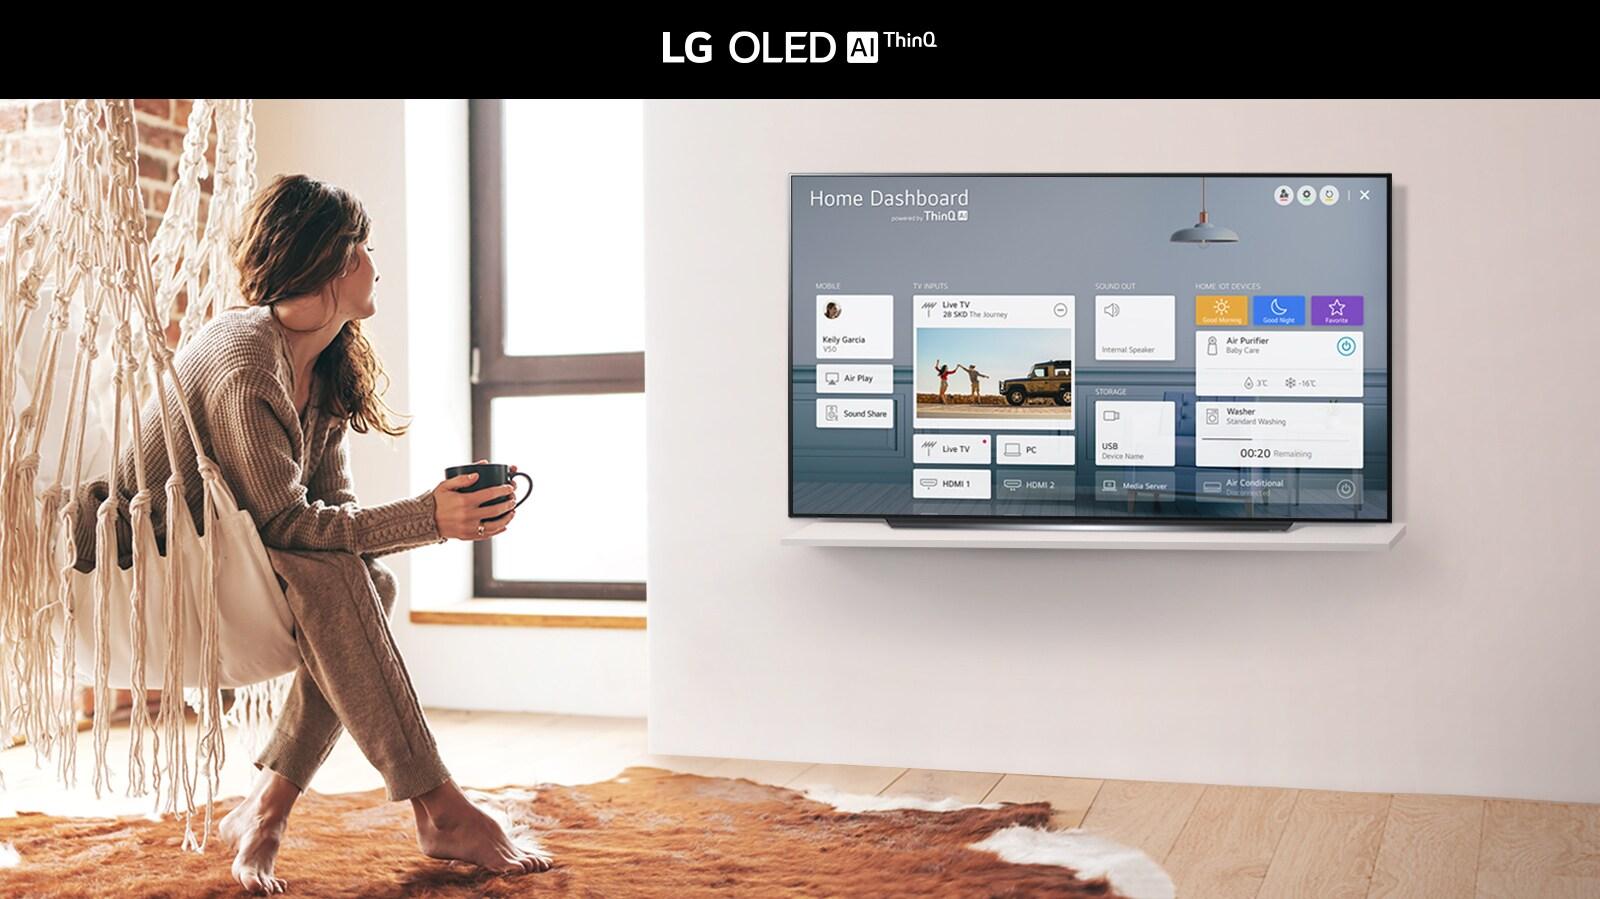 Uma mulher sentada em um sofá na sala de estar com o Painel de Controle da TV na tela